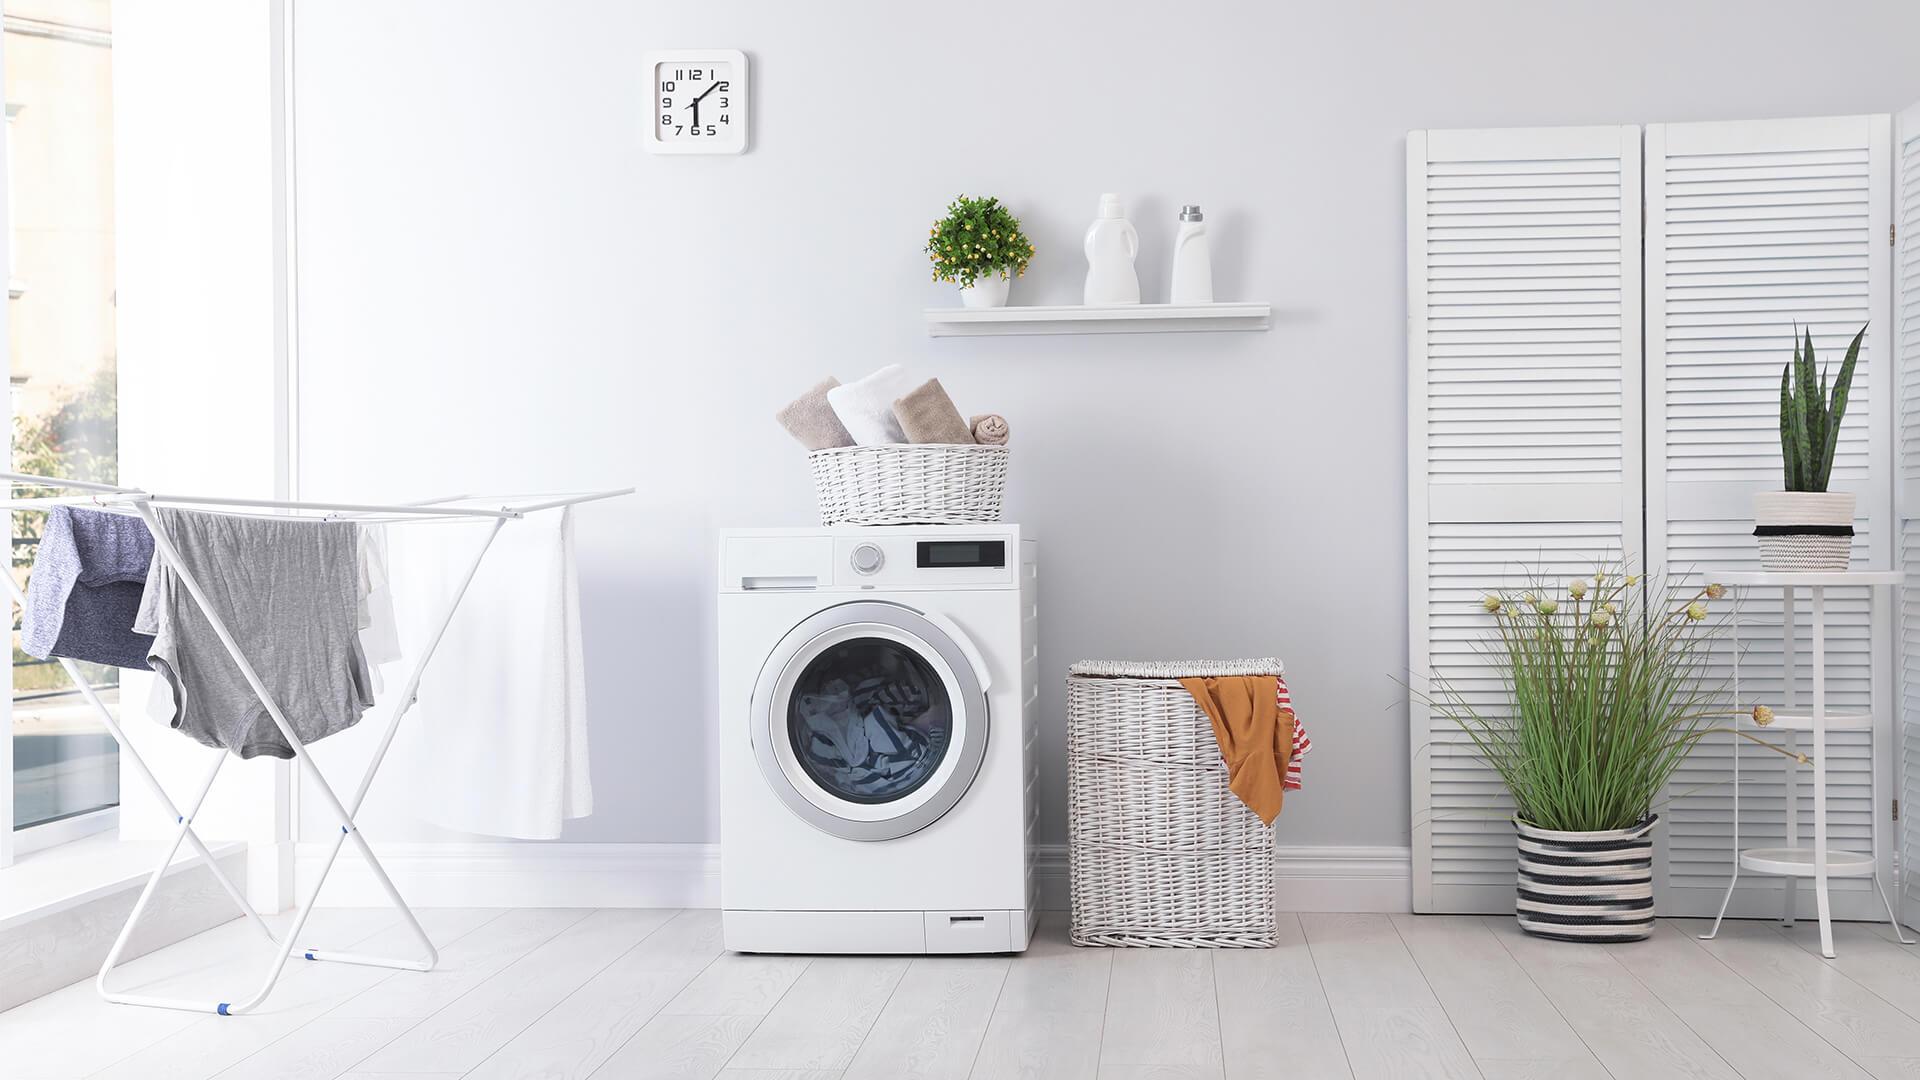 Как ухаживать за стиральной машинкой: инструкция